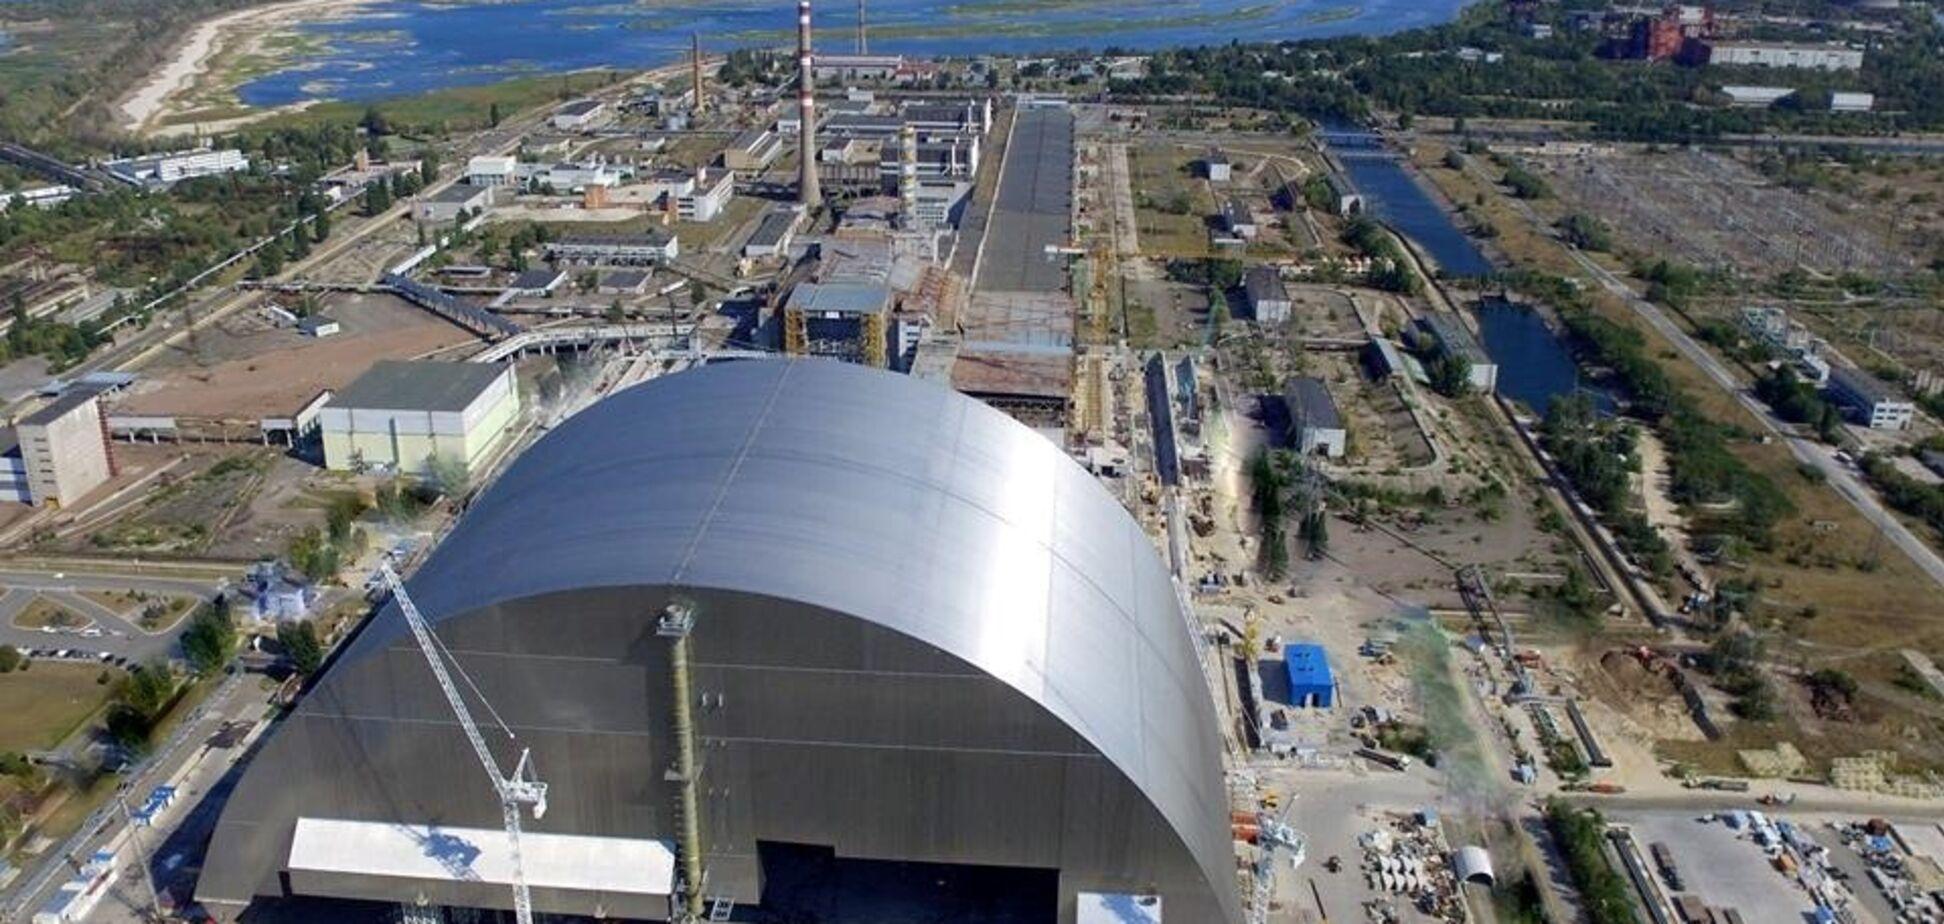 'Чернобыль может повториться': черная дыра Зоны отчуждения – куда идут миллиарды из бюджета